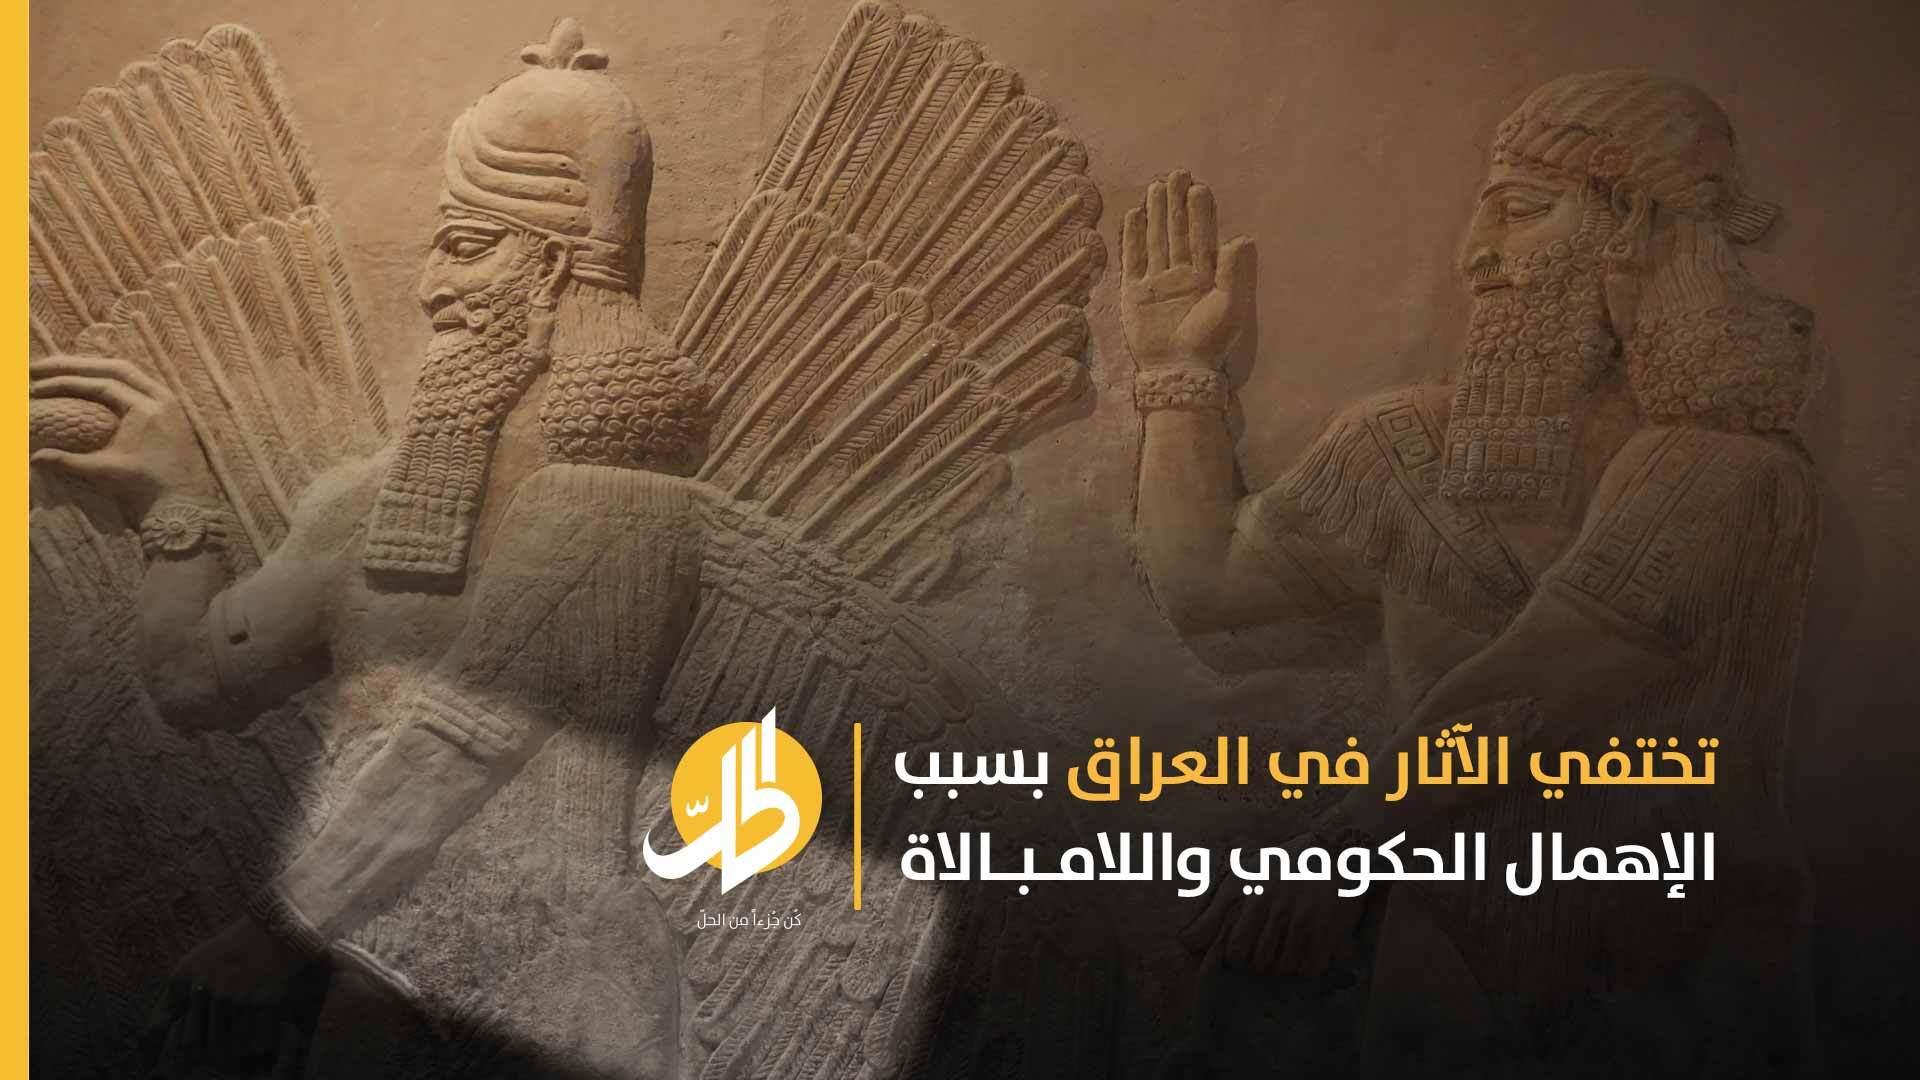 مأساةُ اختفاء التّاريخ في العراق.. الصَّحراء والأمطار السَّبب أم سوء إدارة الدولة؟